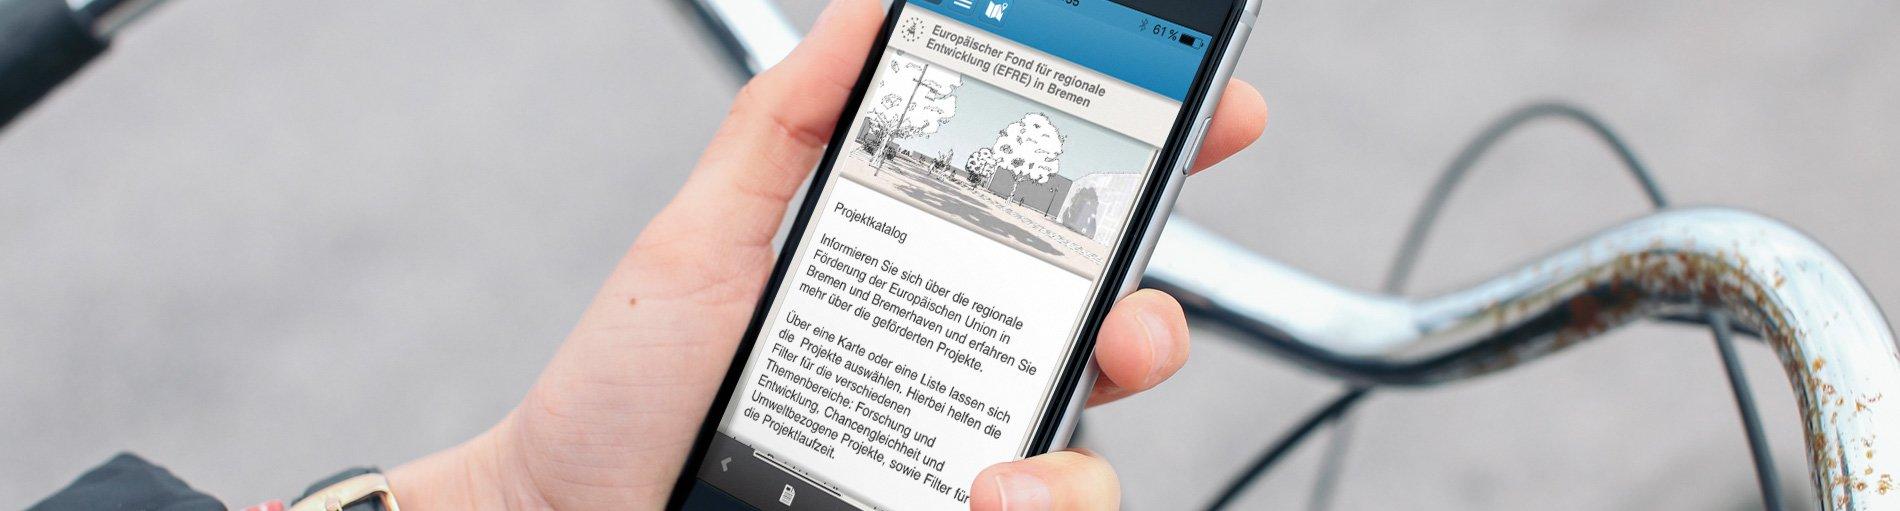 Hand mit Smartphone und geöffneter Efre-App